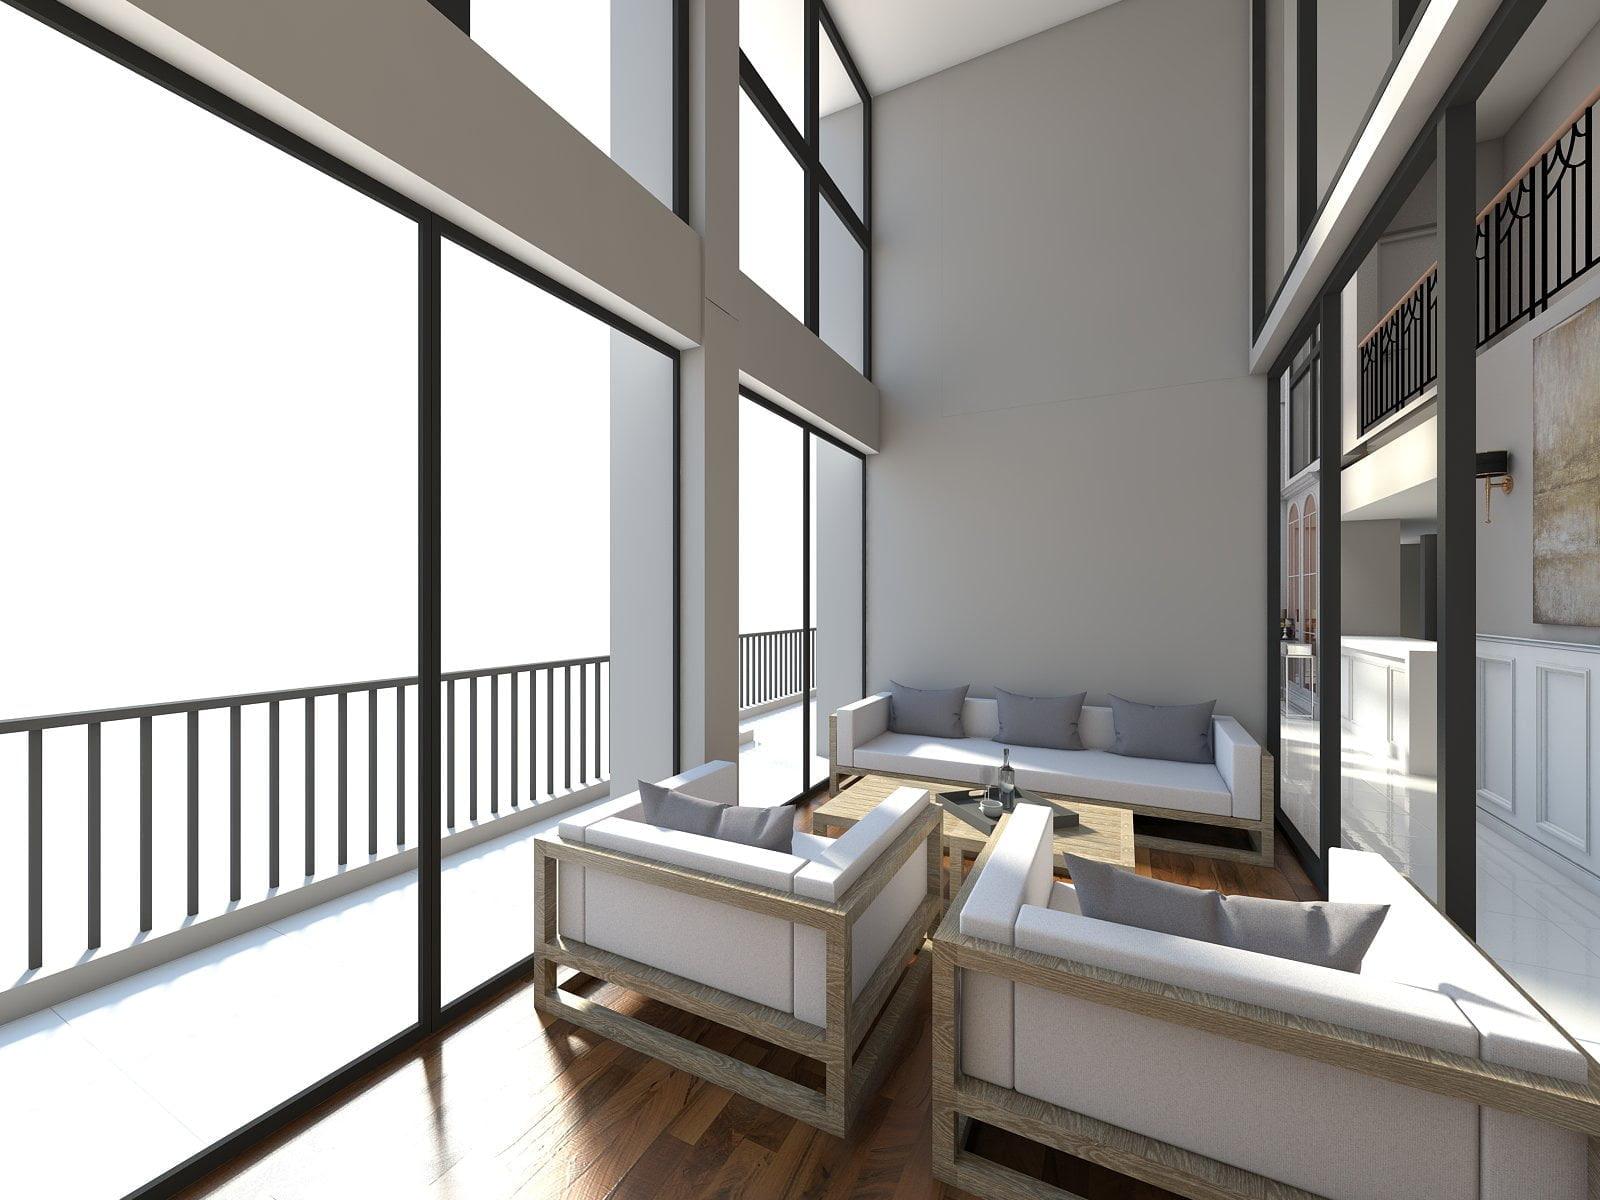 Interior Design Production Quotation Request | Laurea 3